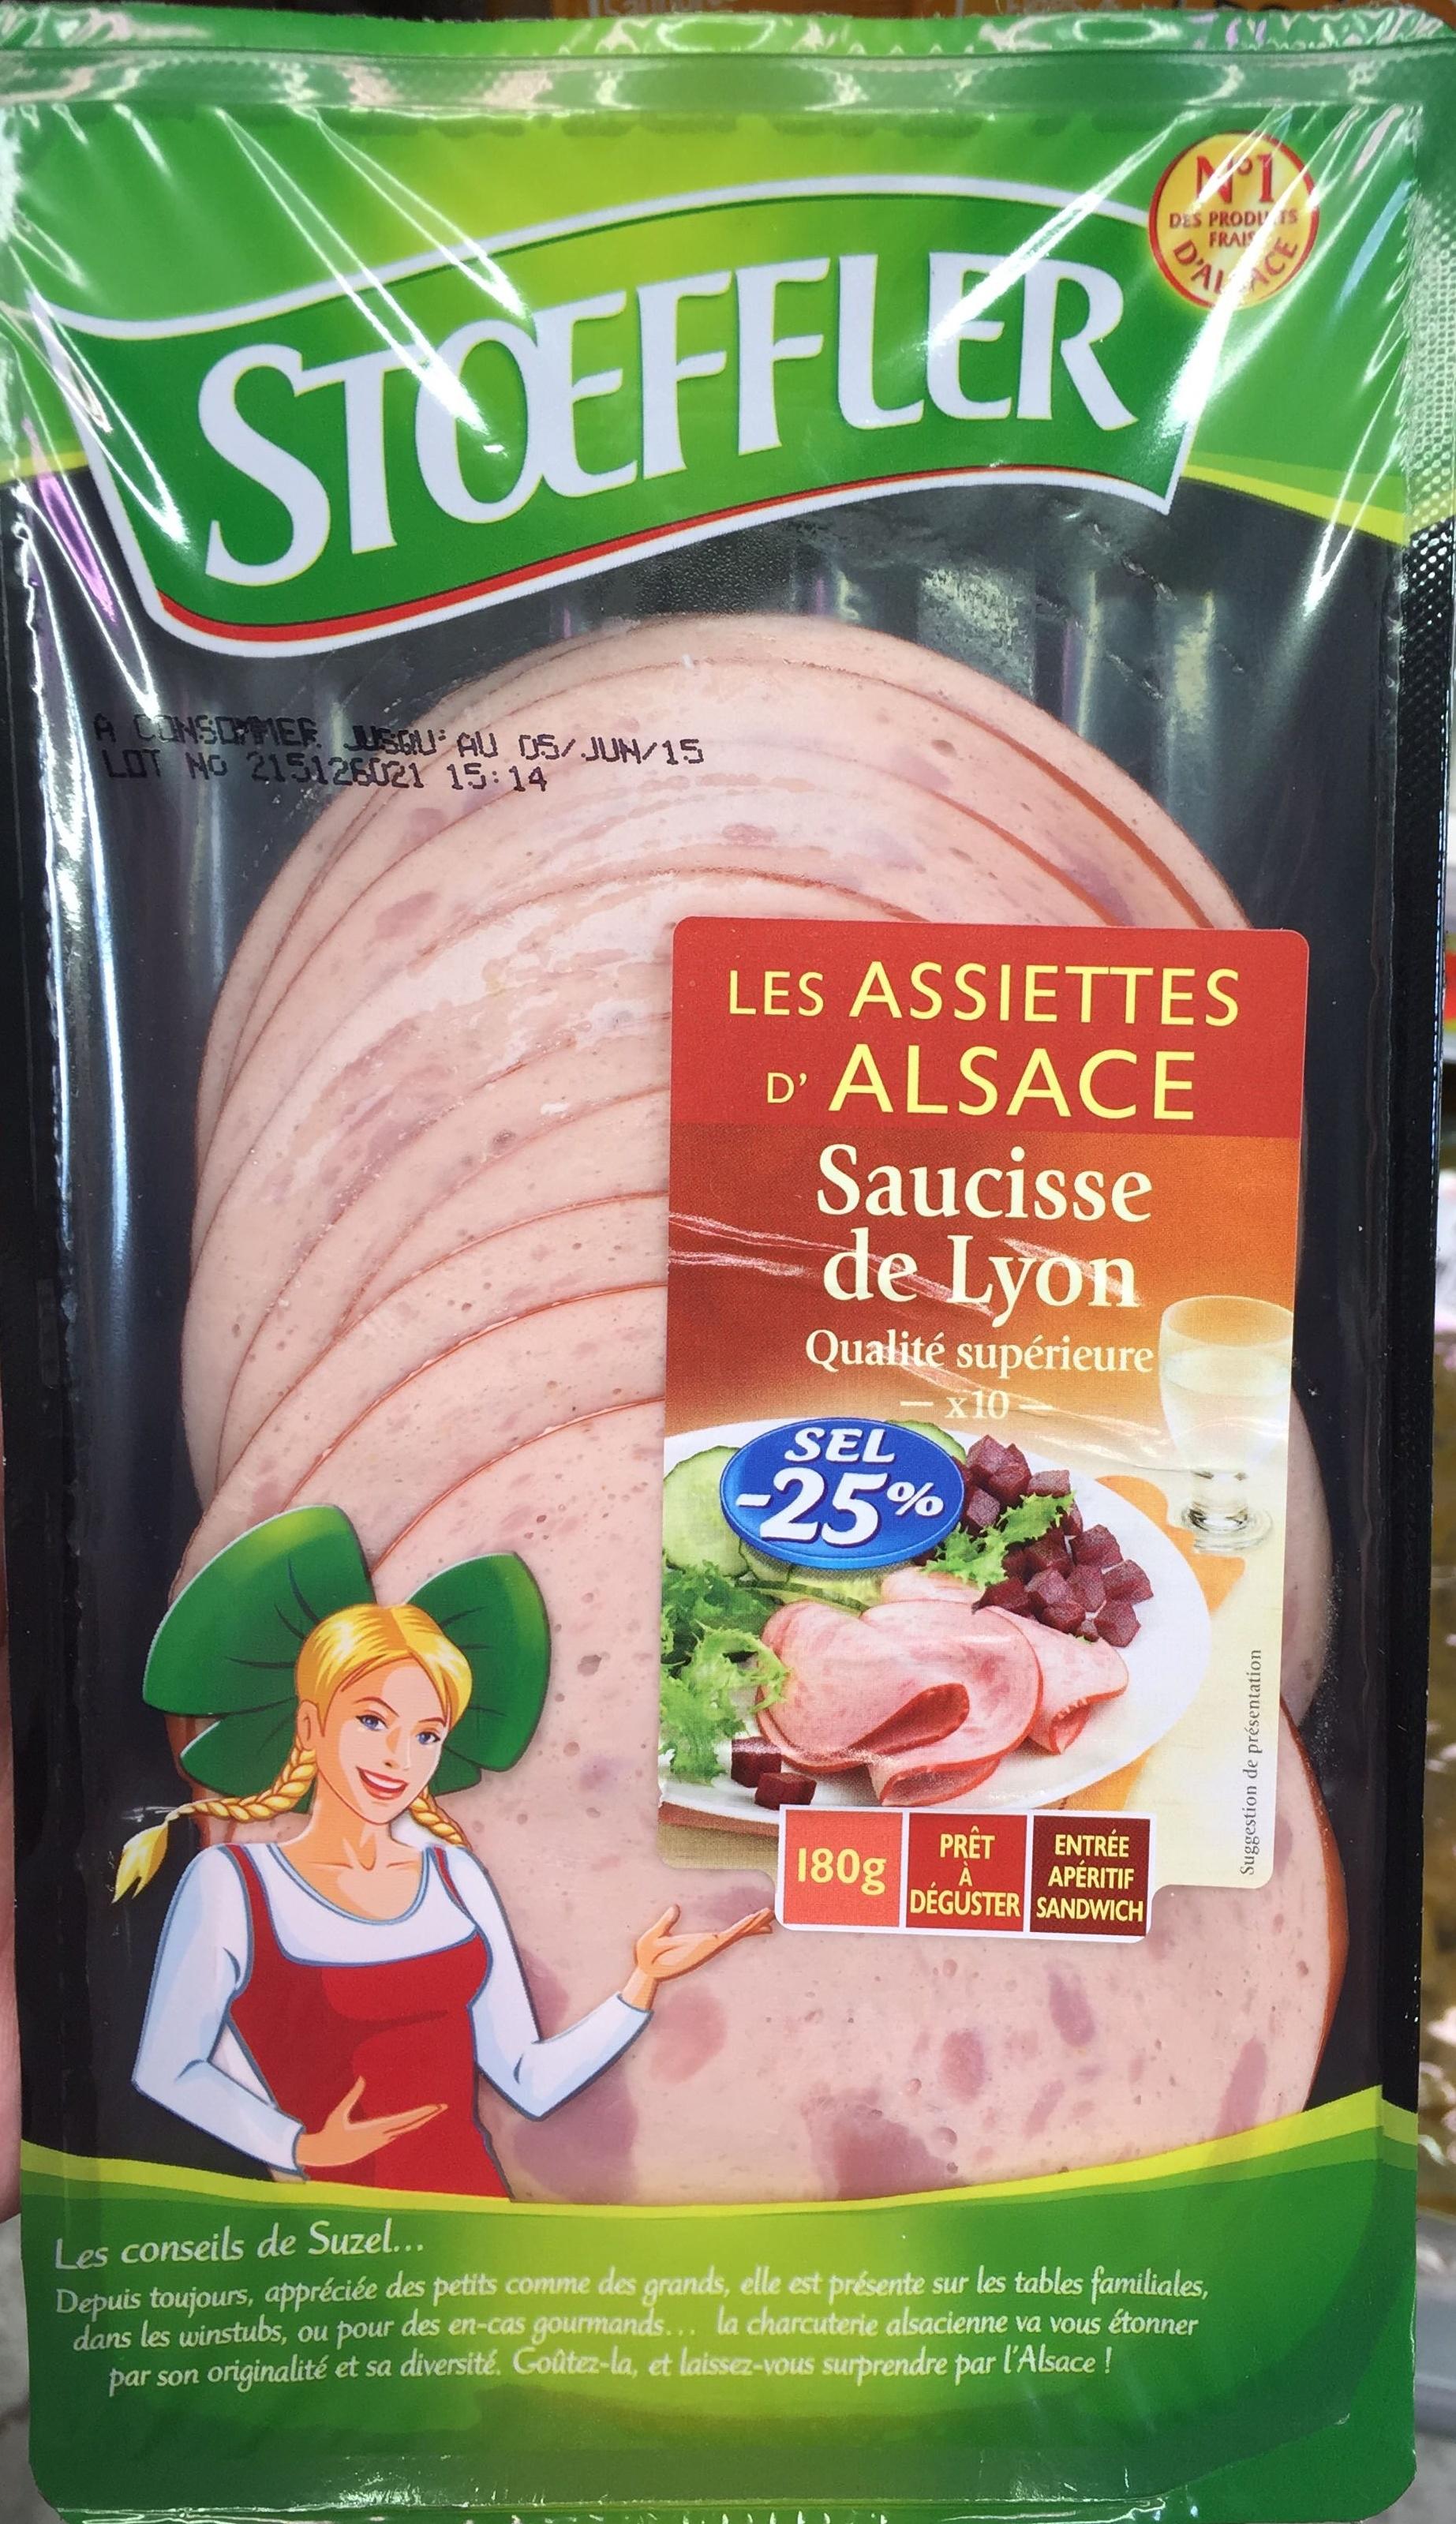 Les Assiettes d'Alsace Saucisse de Lyon (Sel -25%) - Product